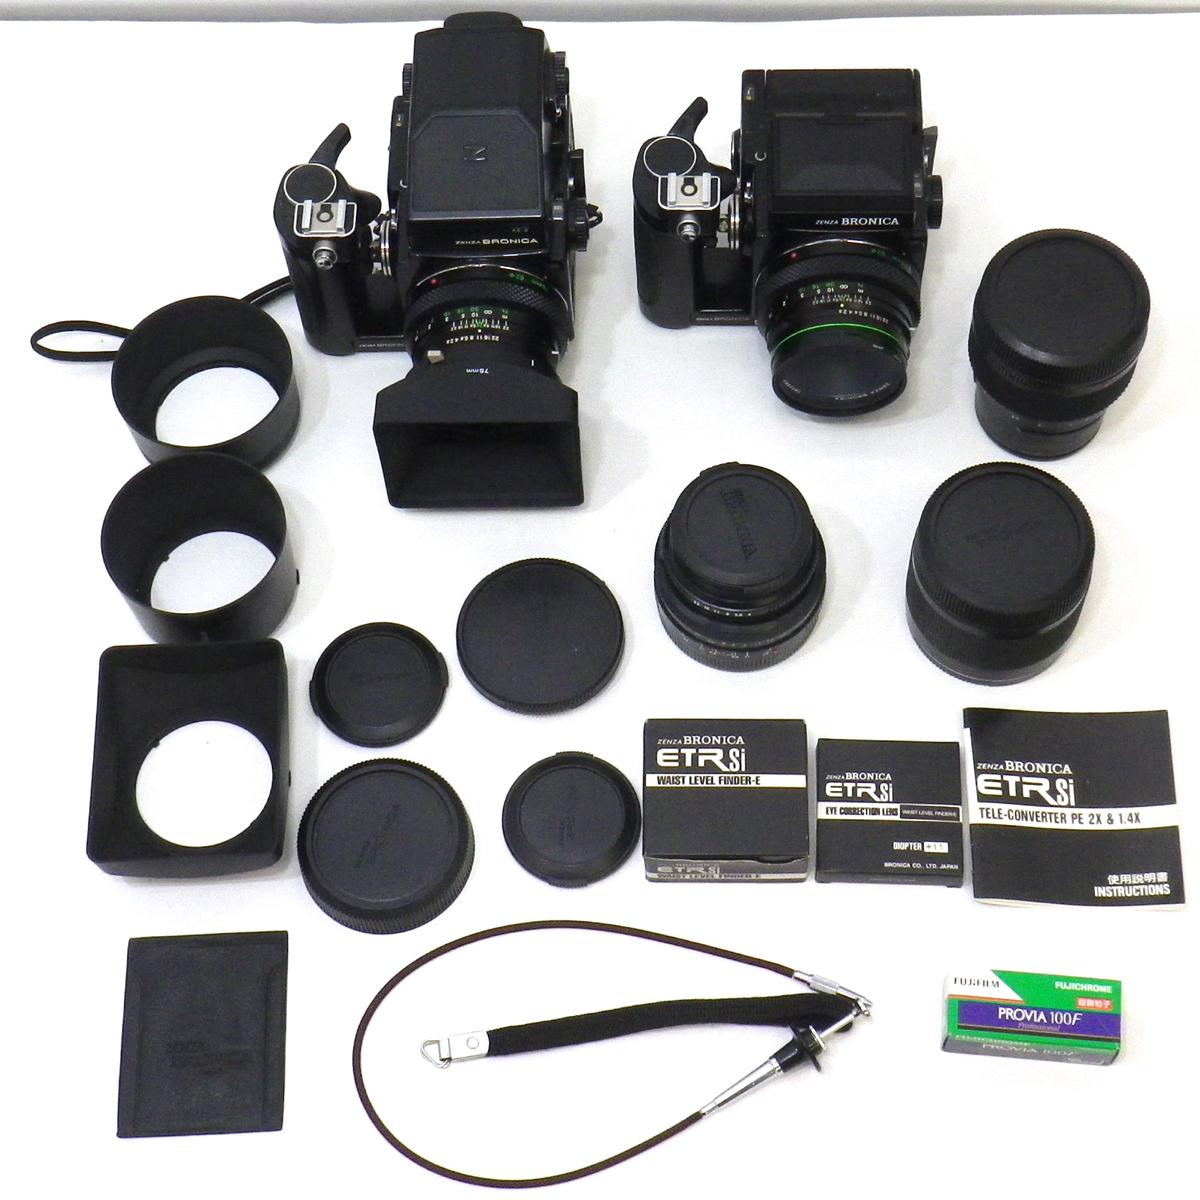 ゼンザブロニカ ETRS 2台 AE-IIファインダー テレコン レンズ ゼンザノン など まとめて セット [554]